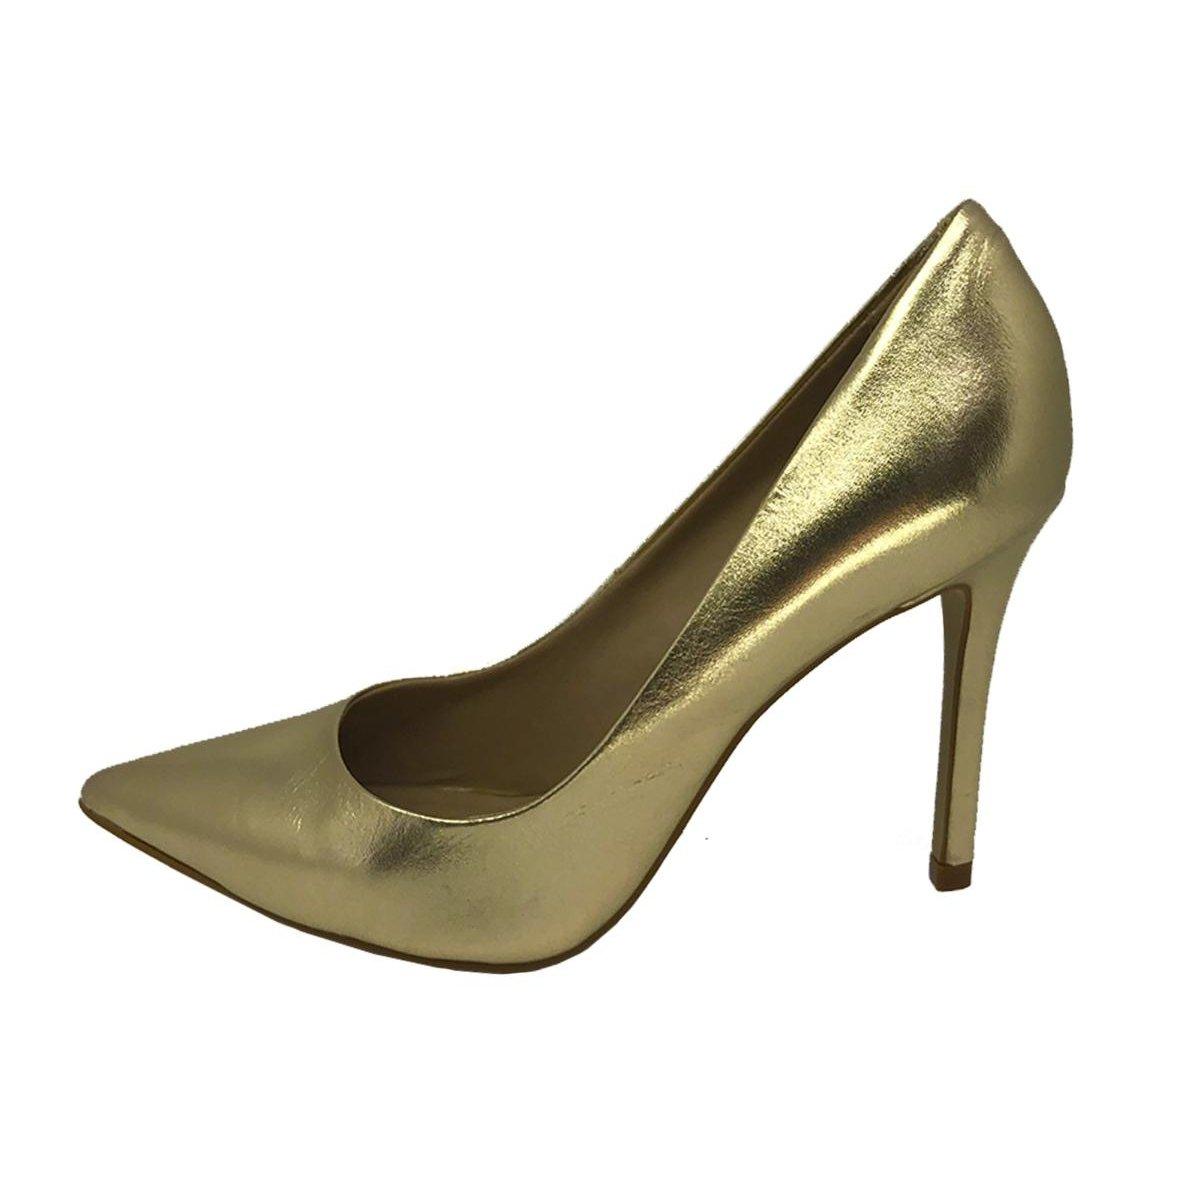 Feminino Fashion Scarpin Conceito Scarpin Conceito Fashion Dourado Fashion Couro Couro Conceito 776qp1WZ